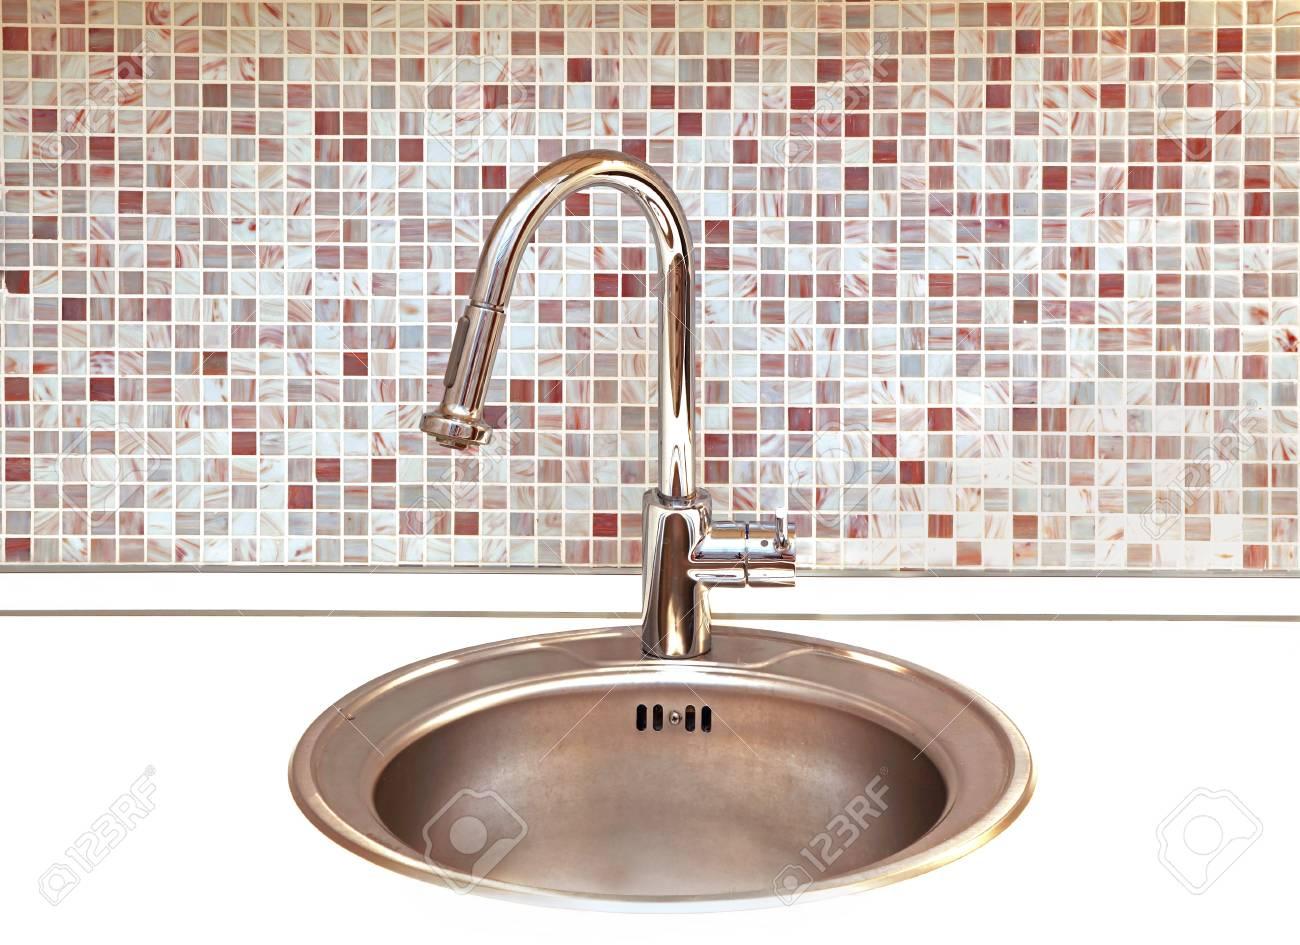 Moderne Kuche Wasserhahn Mit Mosaik Fliesen Im Hintergrund Lizenzfreie Fotos Bilder Und Stock Fotografie Image 16684091